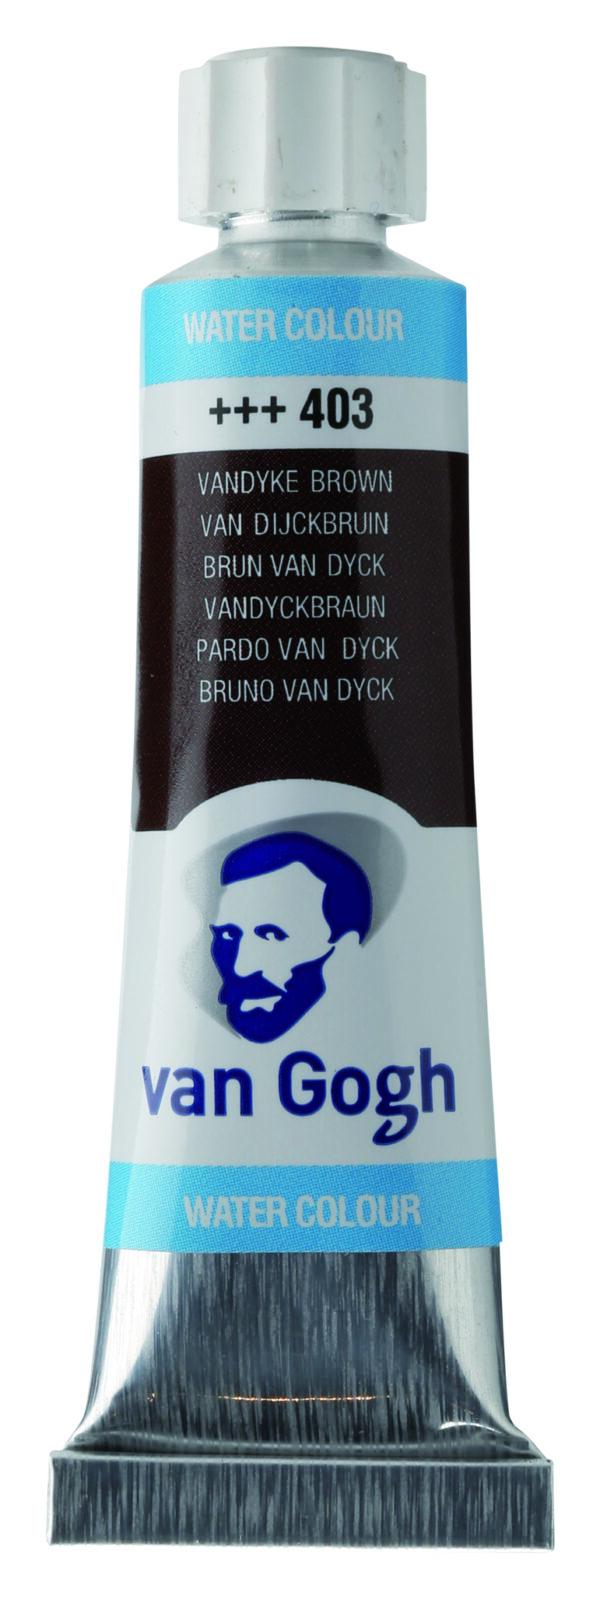 Van Gogh 403 Vandyke brown - 10 ml